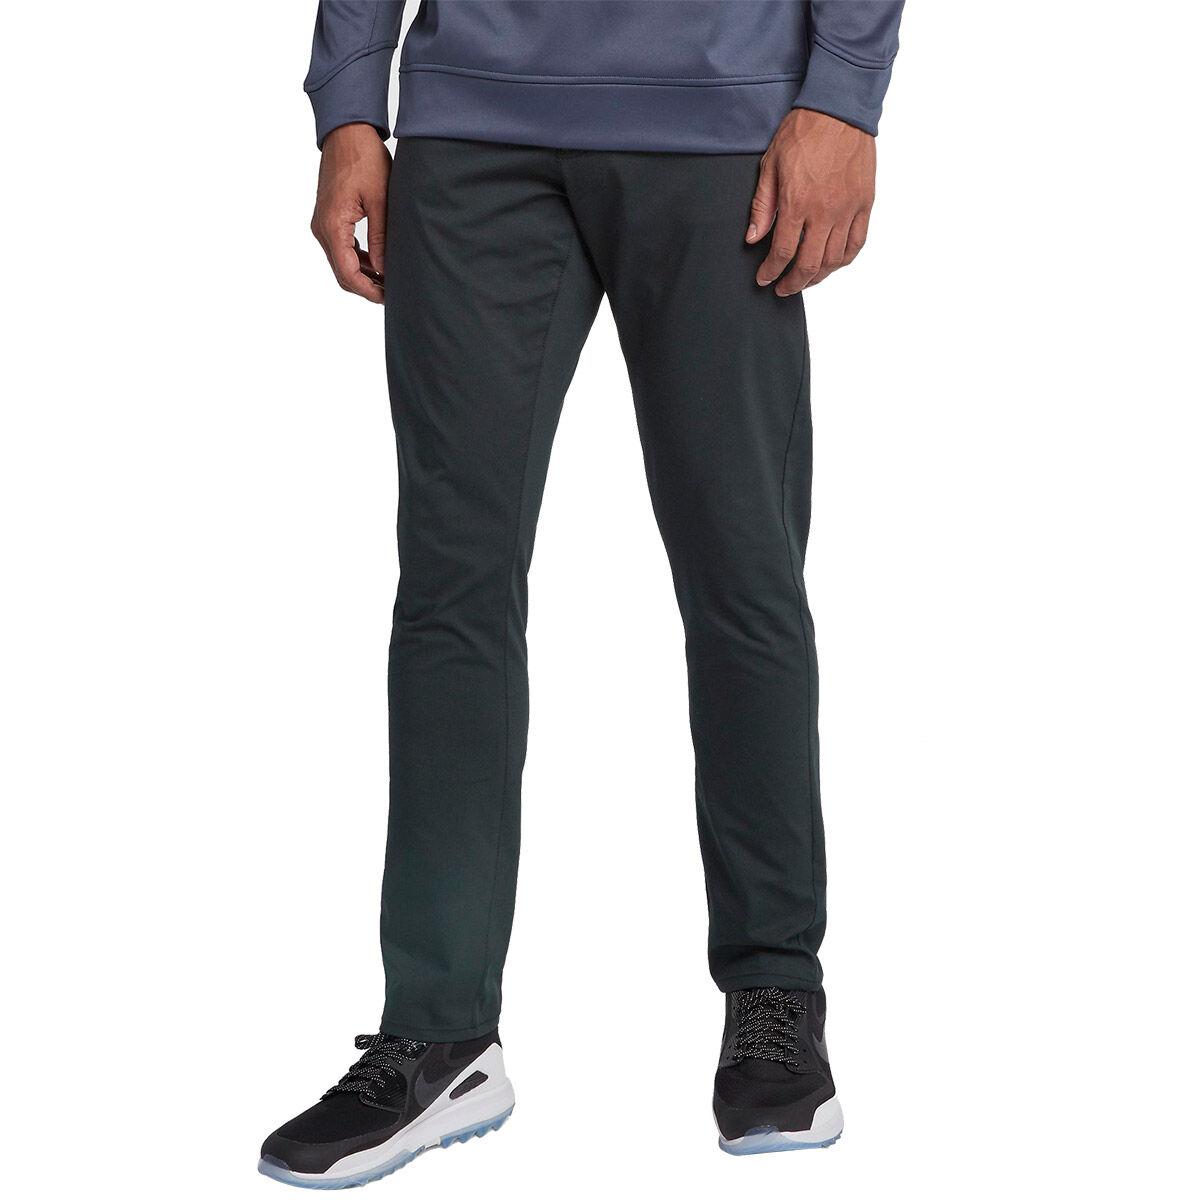 pantalon nike golf